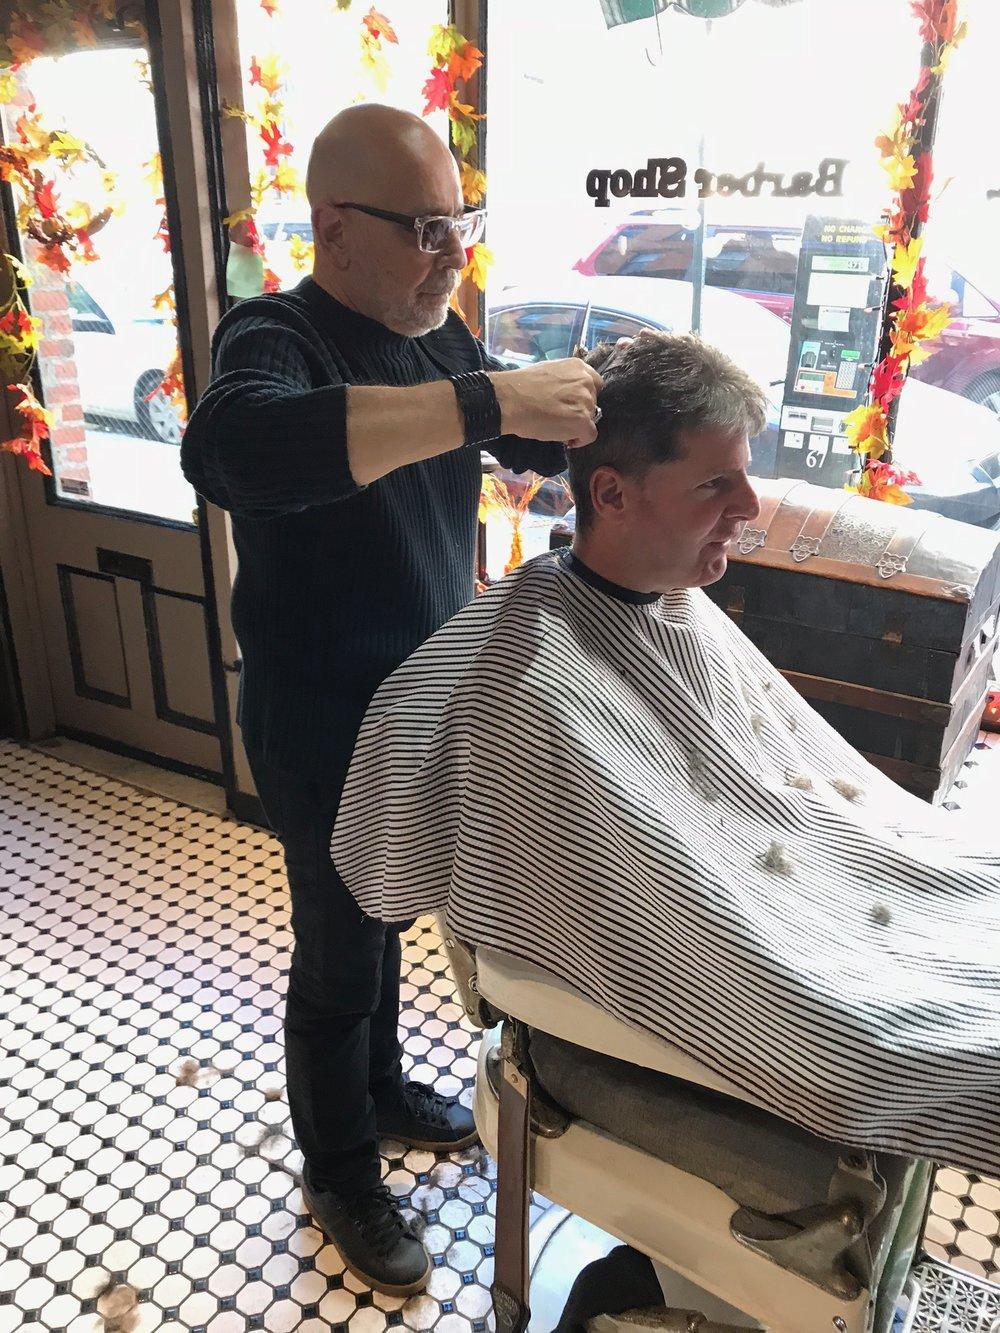 Jerry cutting hair 3 .jpg*.jpg